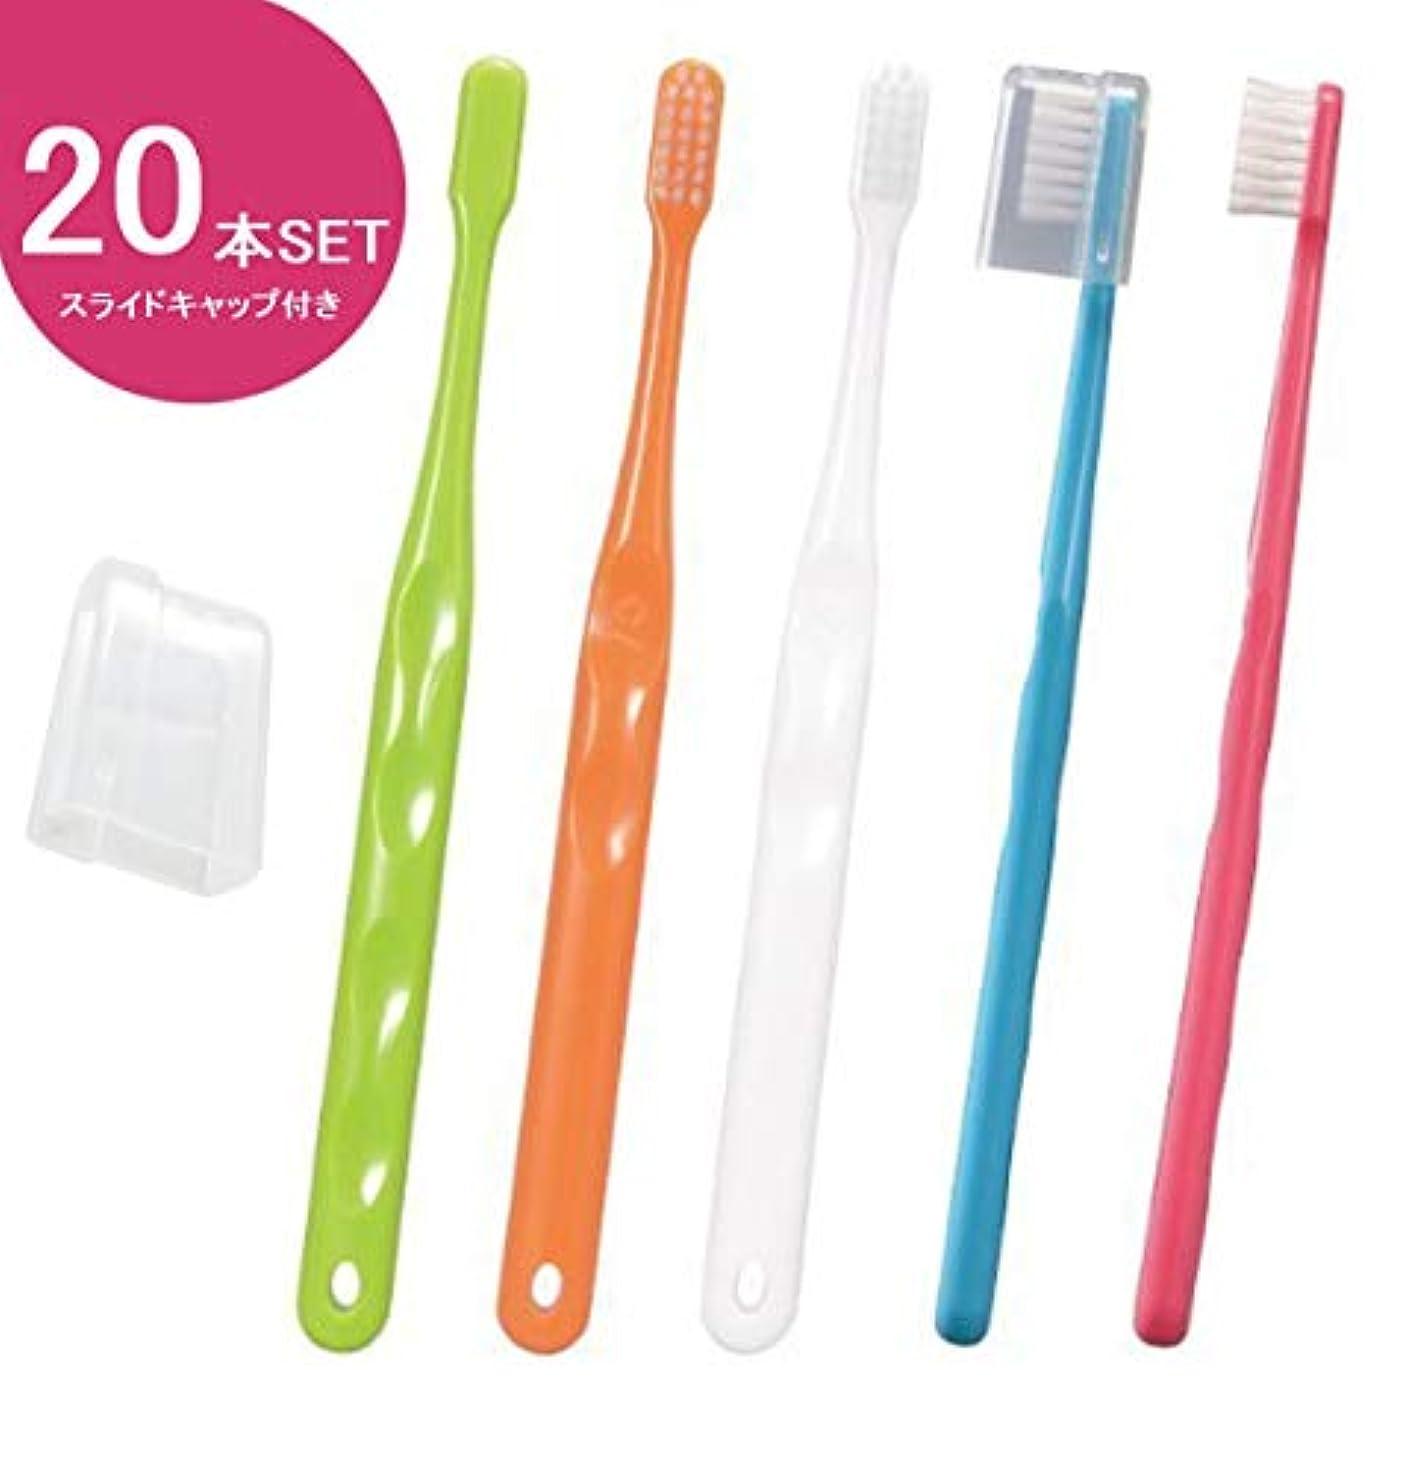 洗練されたスペイン根絶するCiメディカル Ci700 (超先細+ラウンド毛) 歯ブラシ S(やわらかめ) スライドキャップ付き 20本